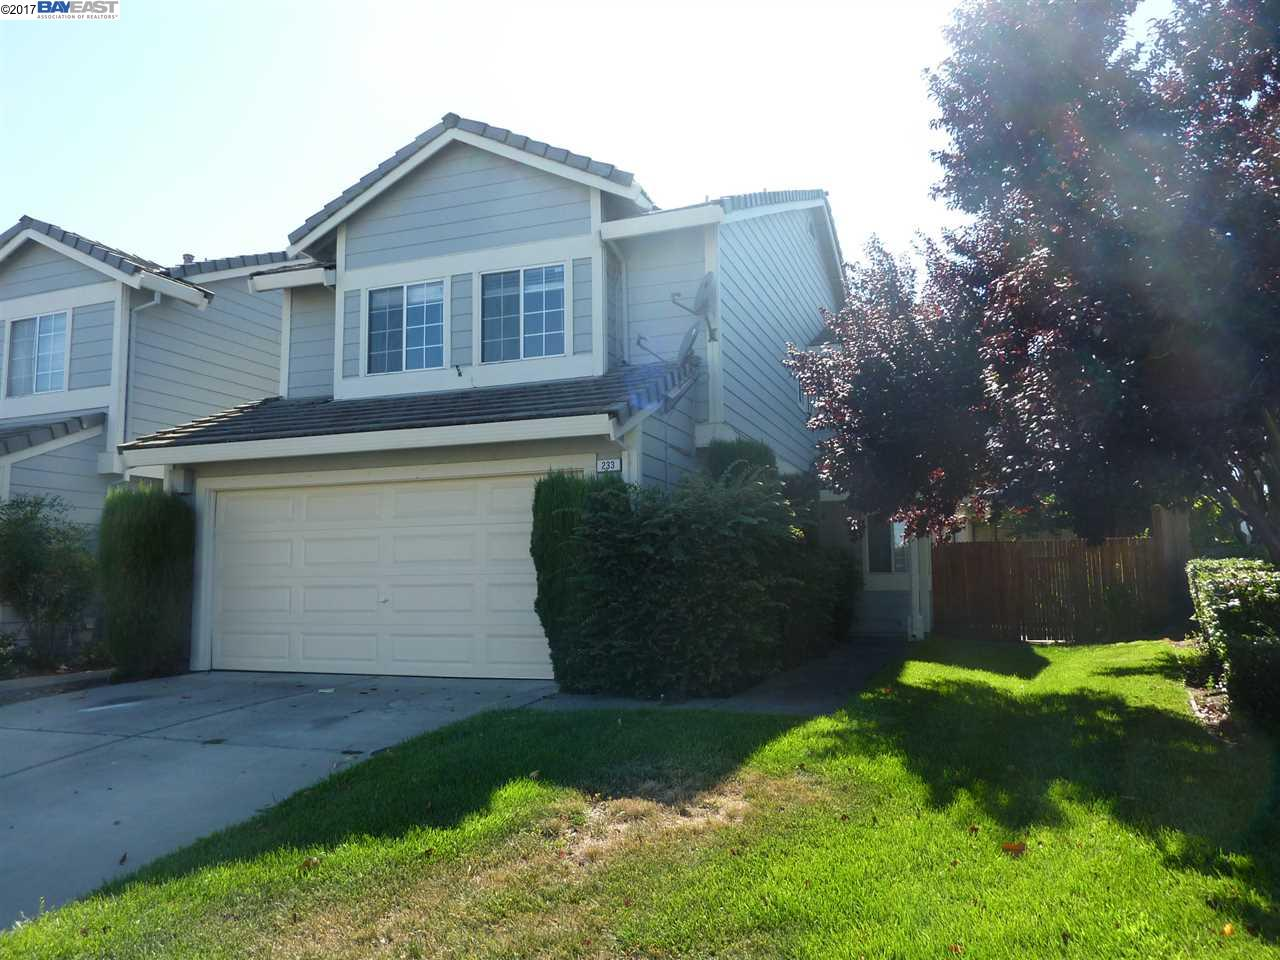 233 Heron Dr, PITTSBURG, CA 94565